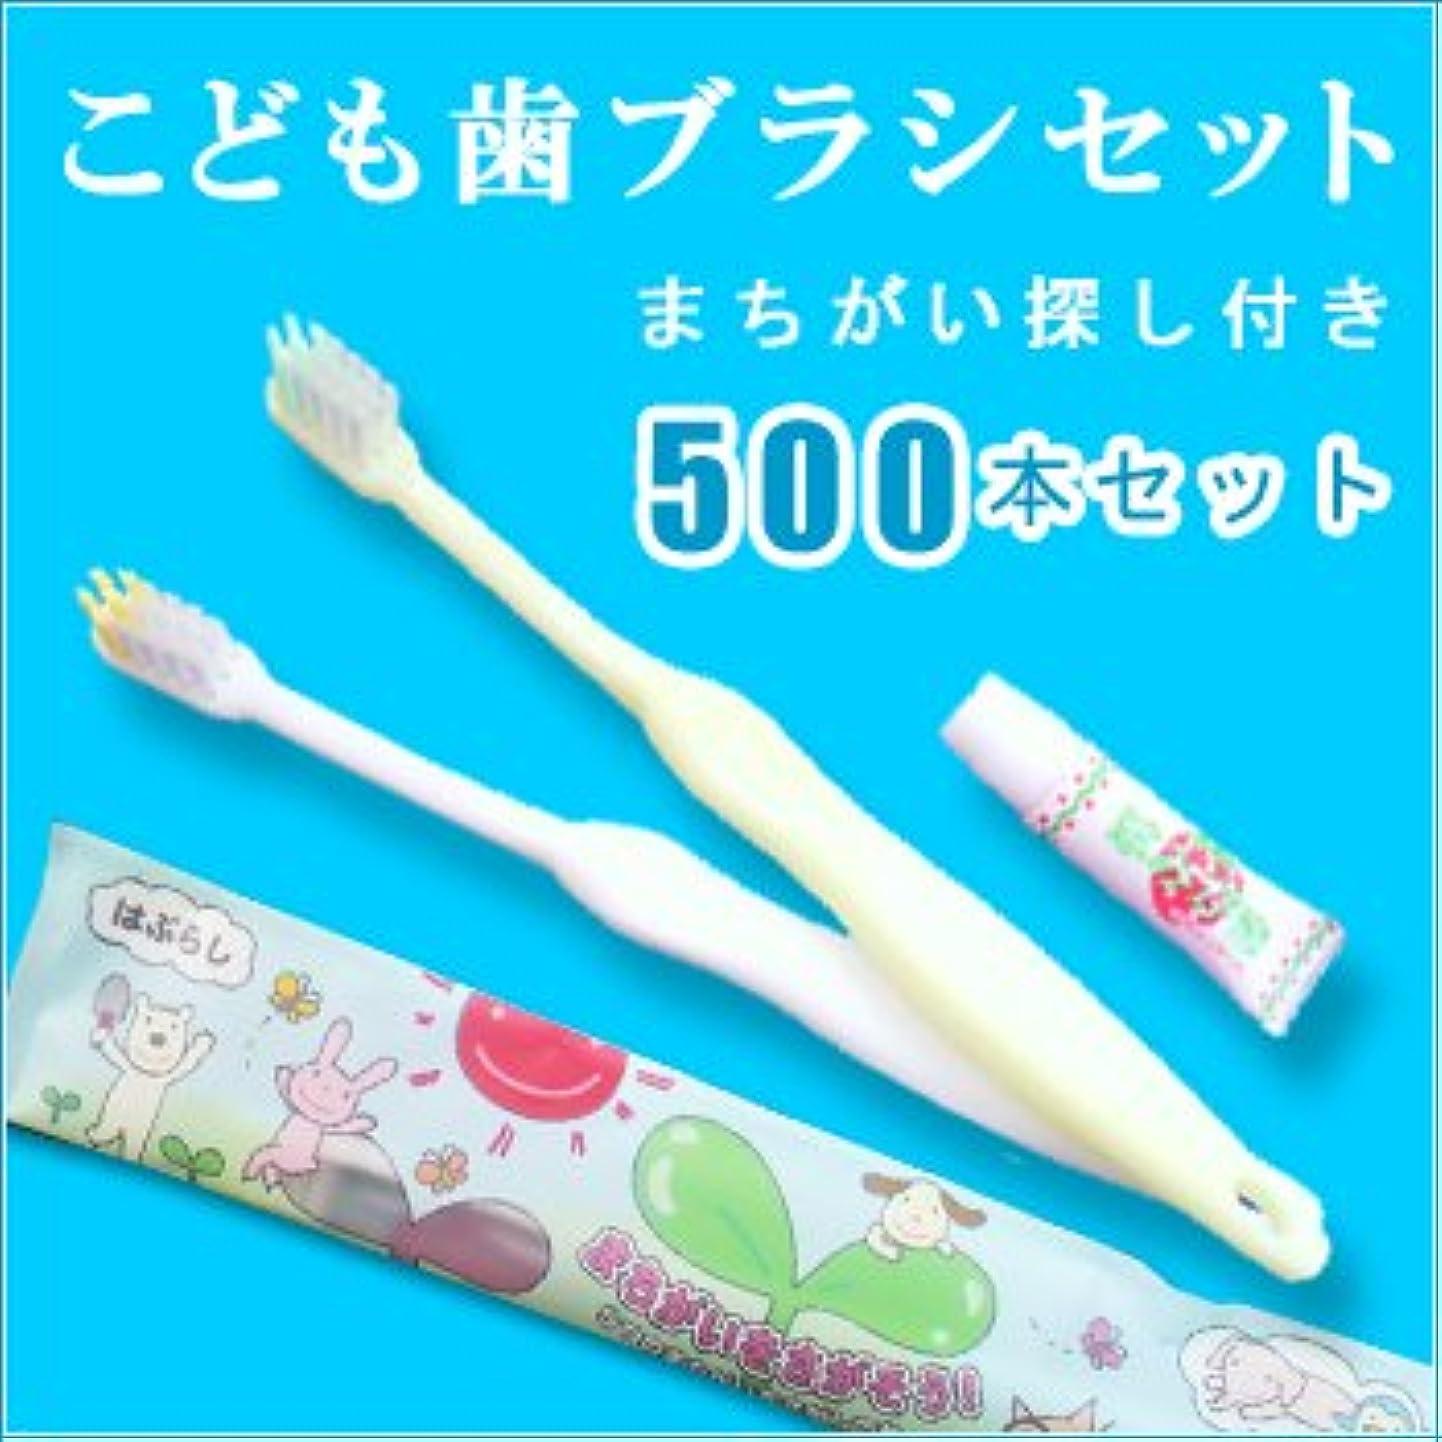 カードペンダント財産こども用歯ブラシ いちご味の歯磨き粉 3gチューブ付 ホワイト?イエロー2色アソート(1セット500本)1本当たり34円